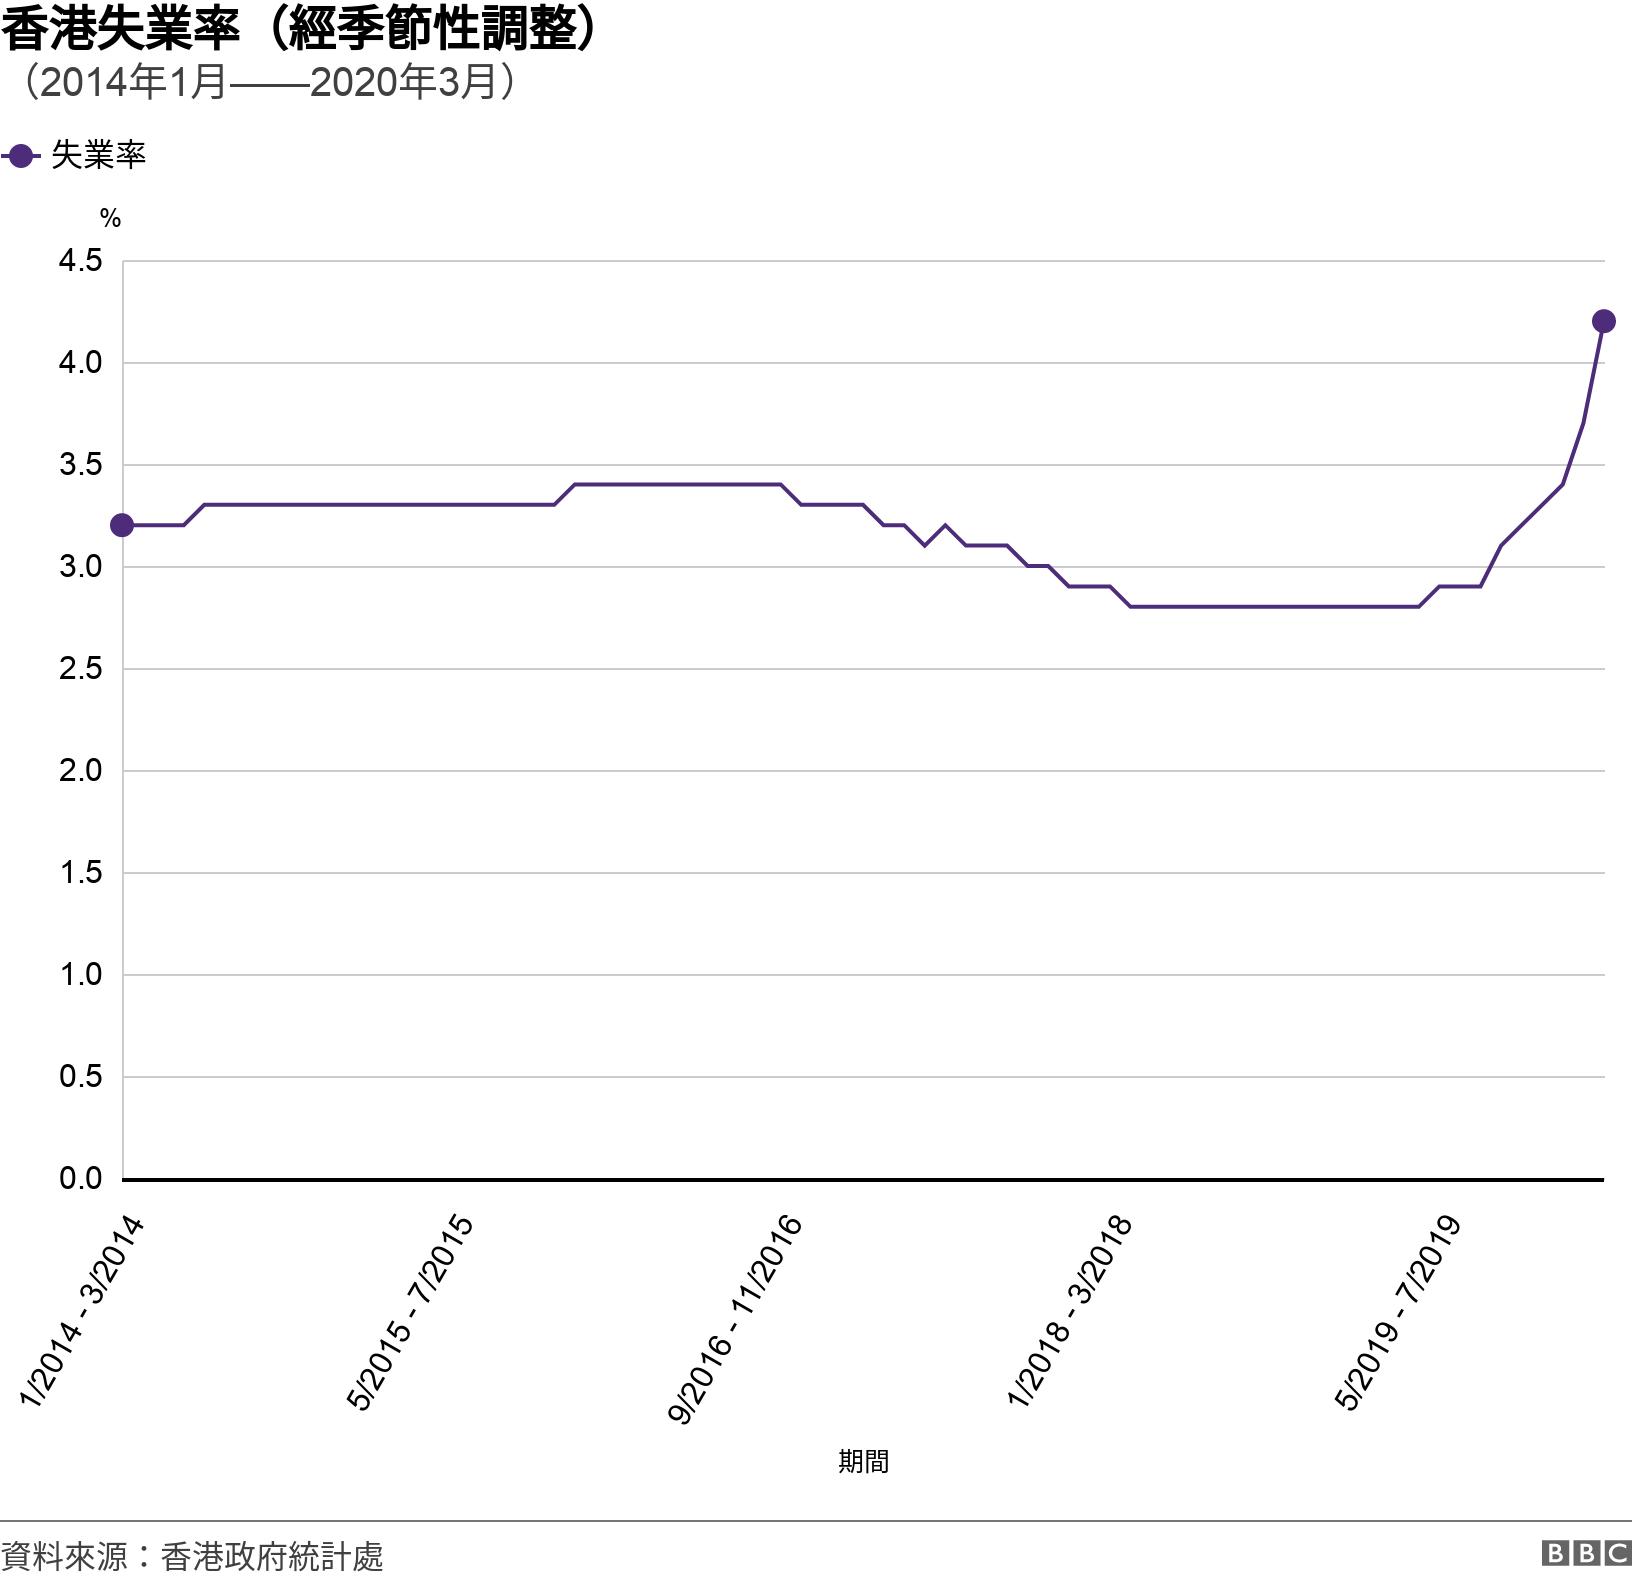 香港失業率(經季節性調整). (2014年1月——2020年3月). 香港失業率(經季節性調整)趨勢圖(2014年1月——2020年3月) .